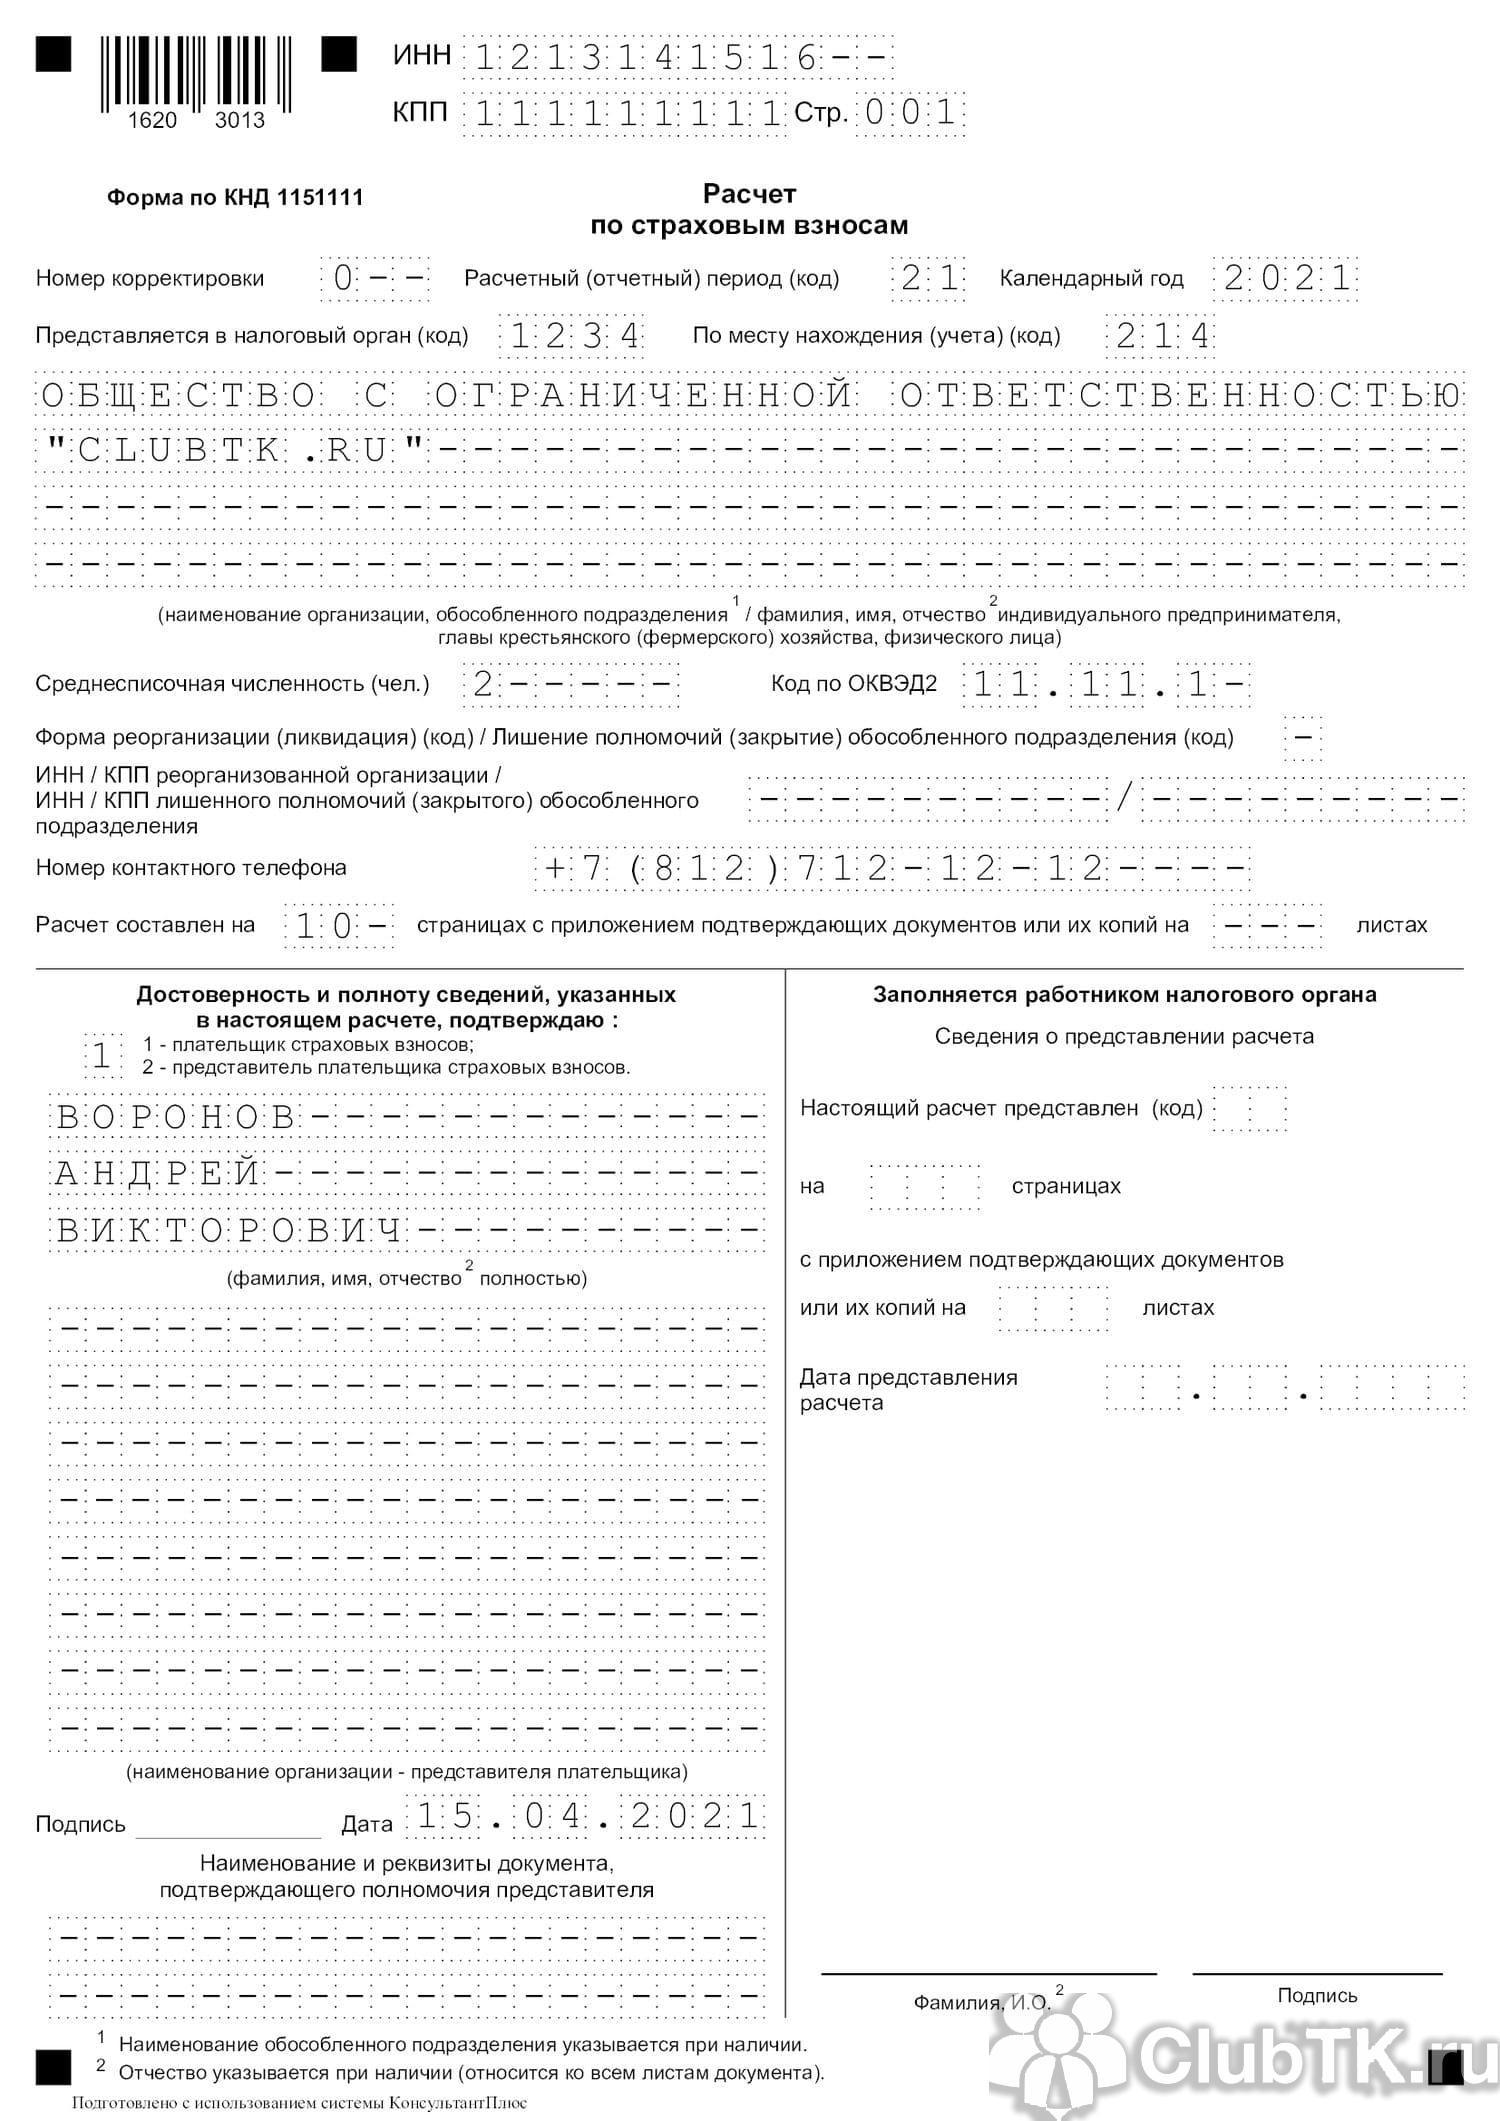 Образец заполнения новой формы РСВ за 1 квартал 2021 г.